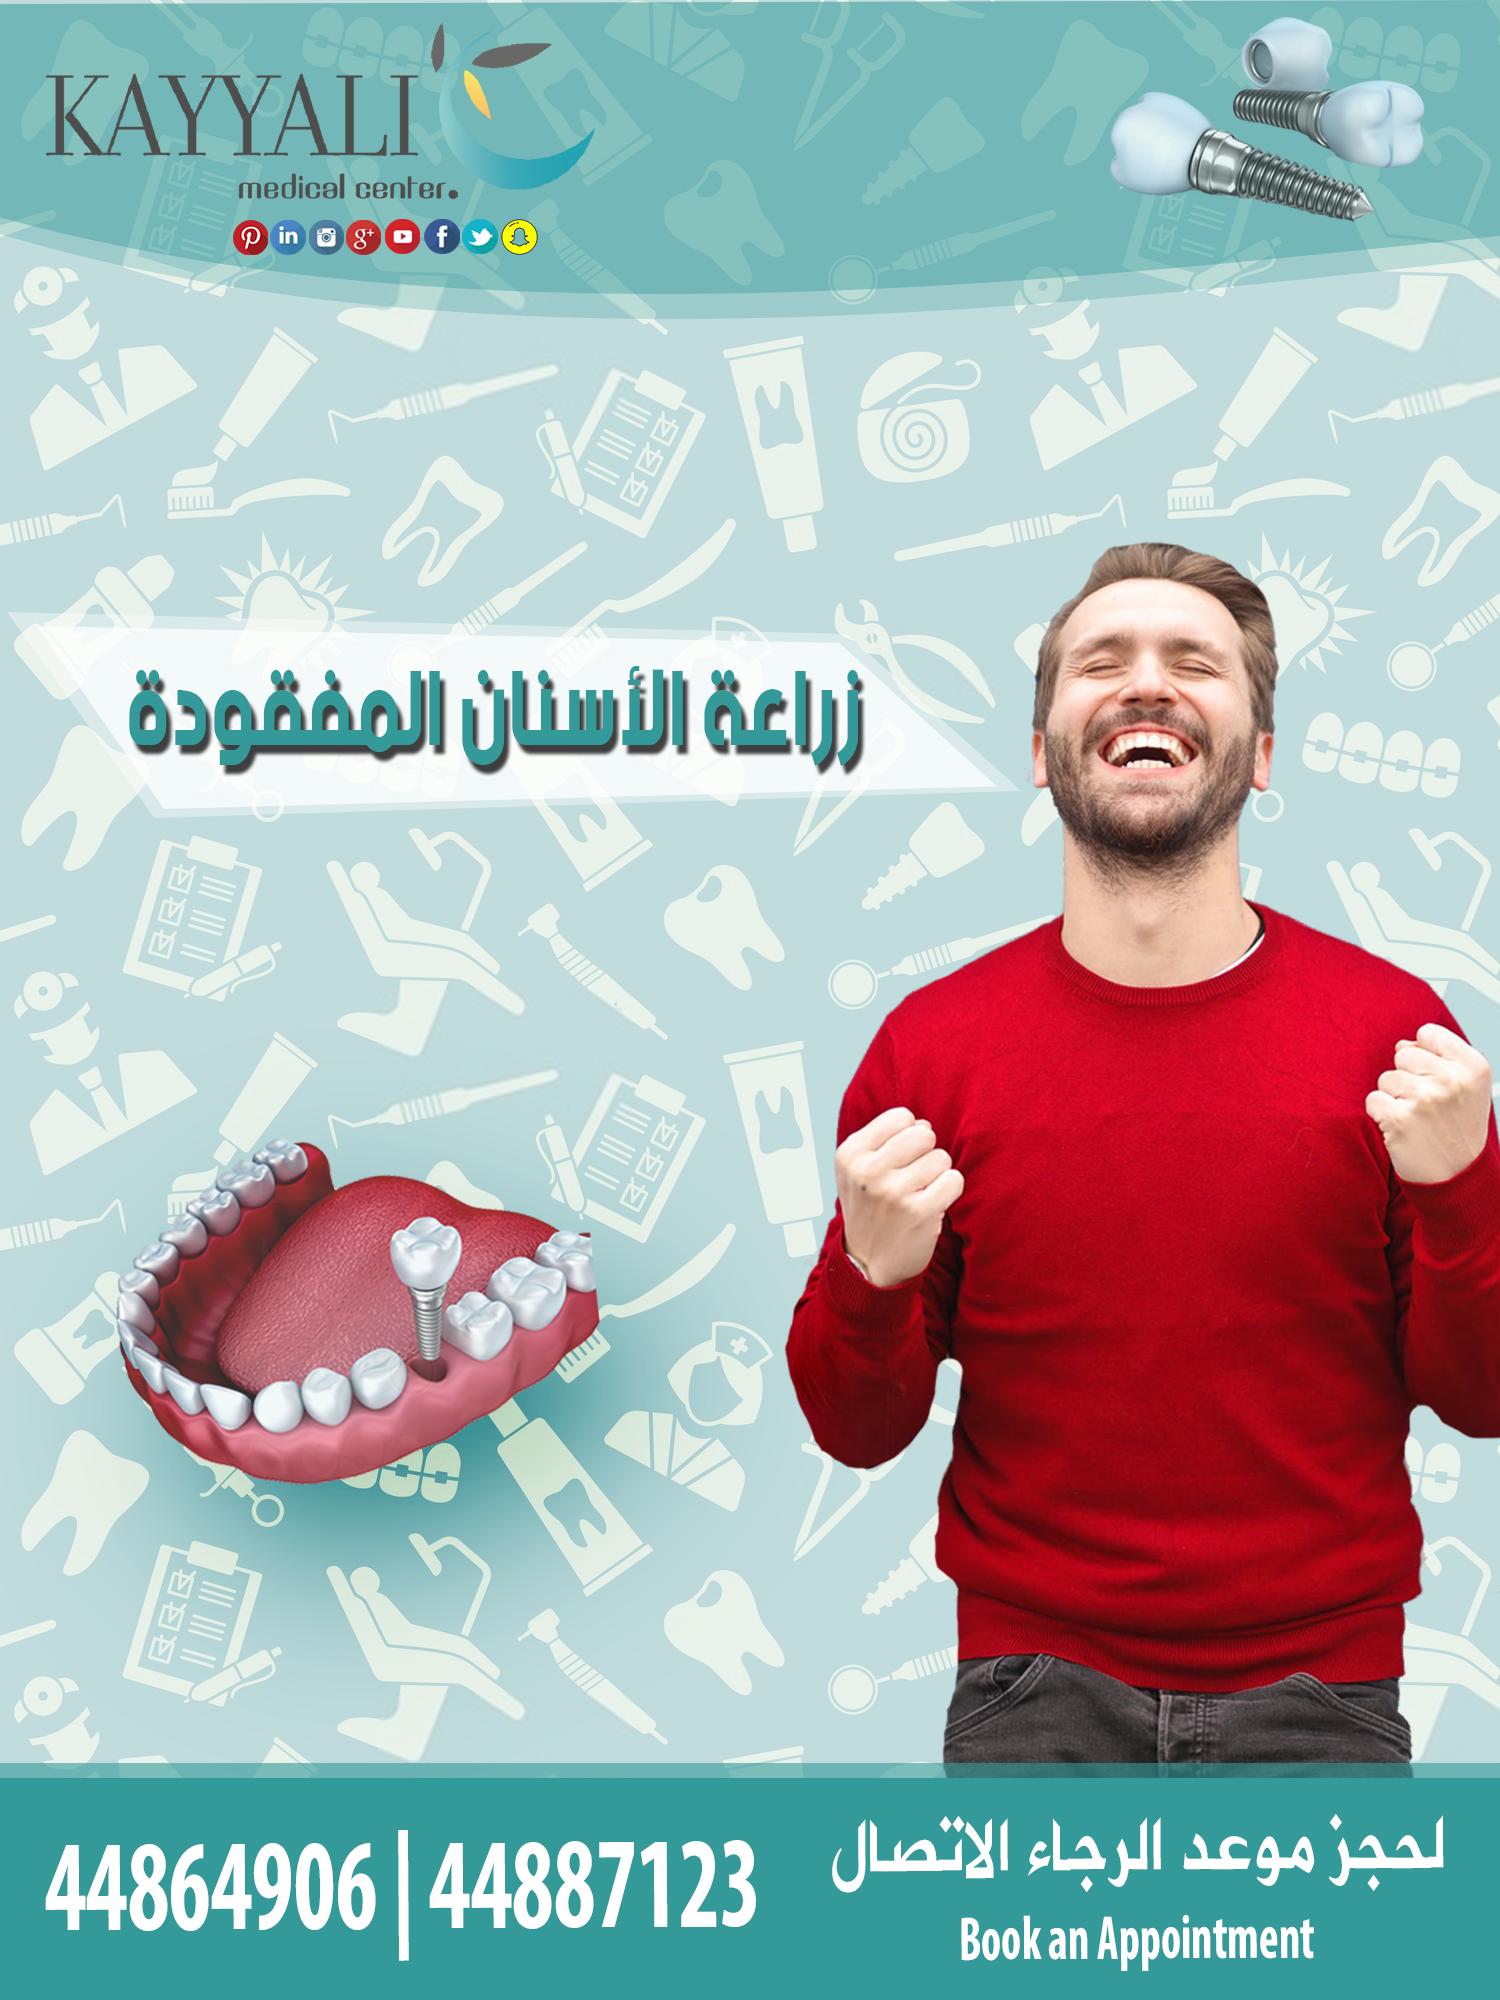 لا تخفى إبتسامتك للاستفسارات يرجى الاتصال على 44887123 أو 44864906 Kayyalimc Dentalimplant Qatar Dentalsurgeonqatar Medical Center Medical Pediatrics